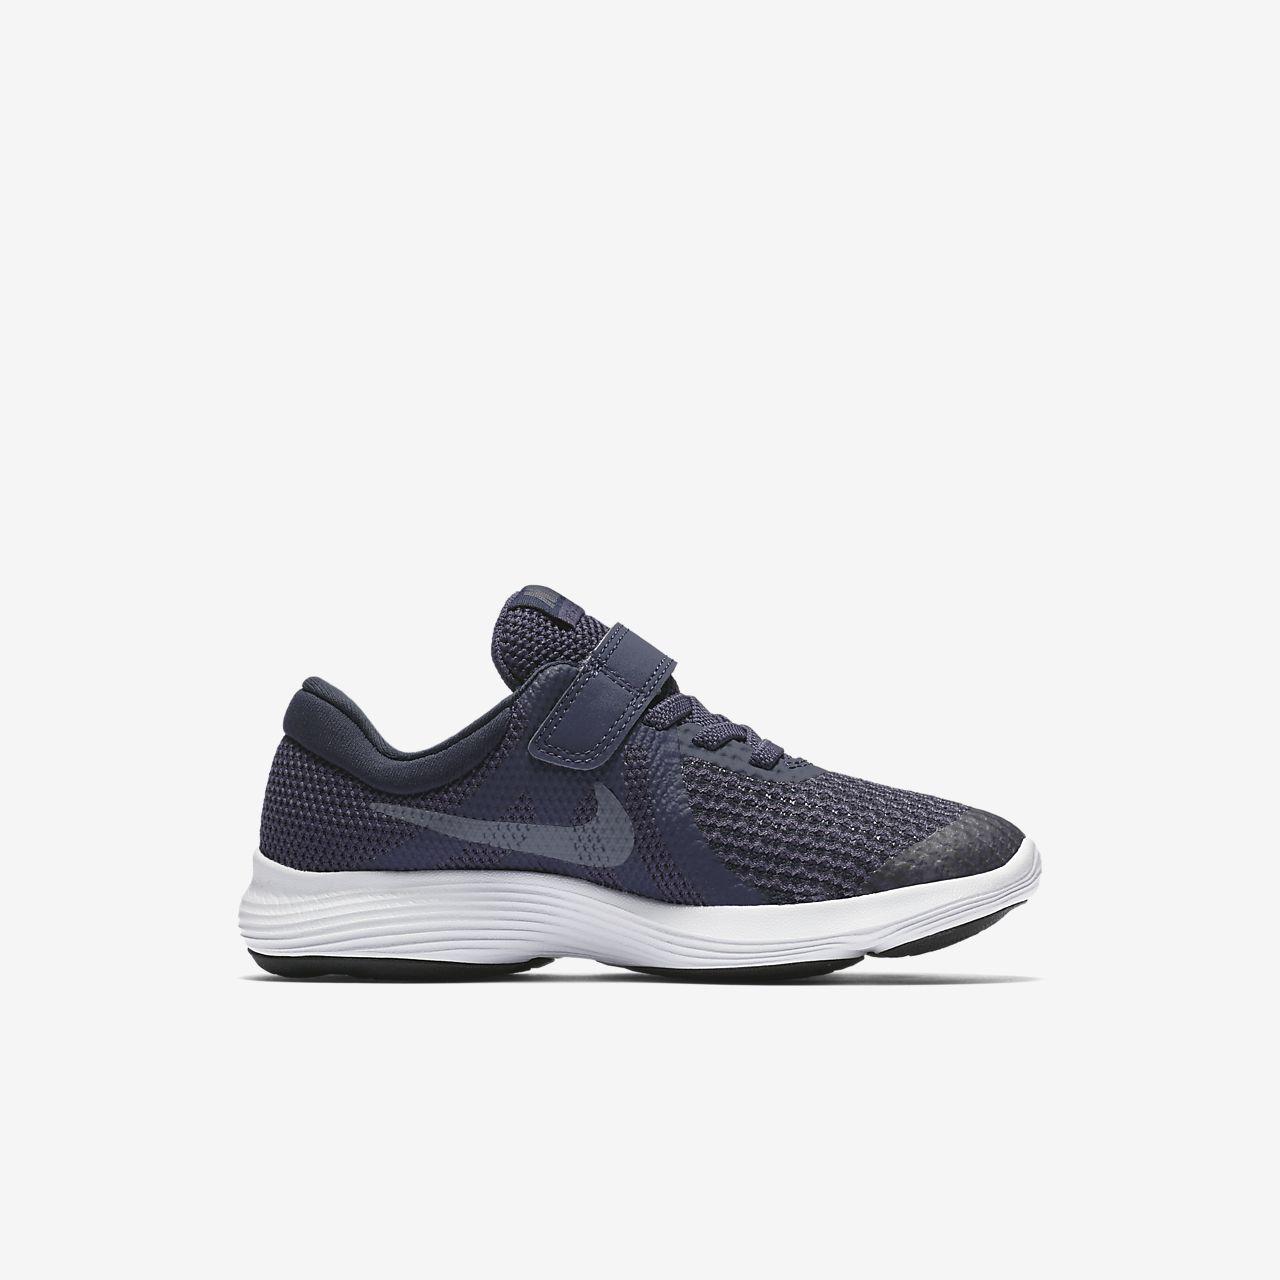 2a5a17e5afdf Nike Revolution 4 Younger Kids  Shoe. Nike.com GB